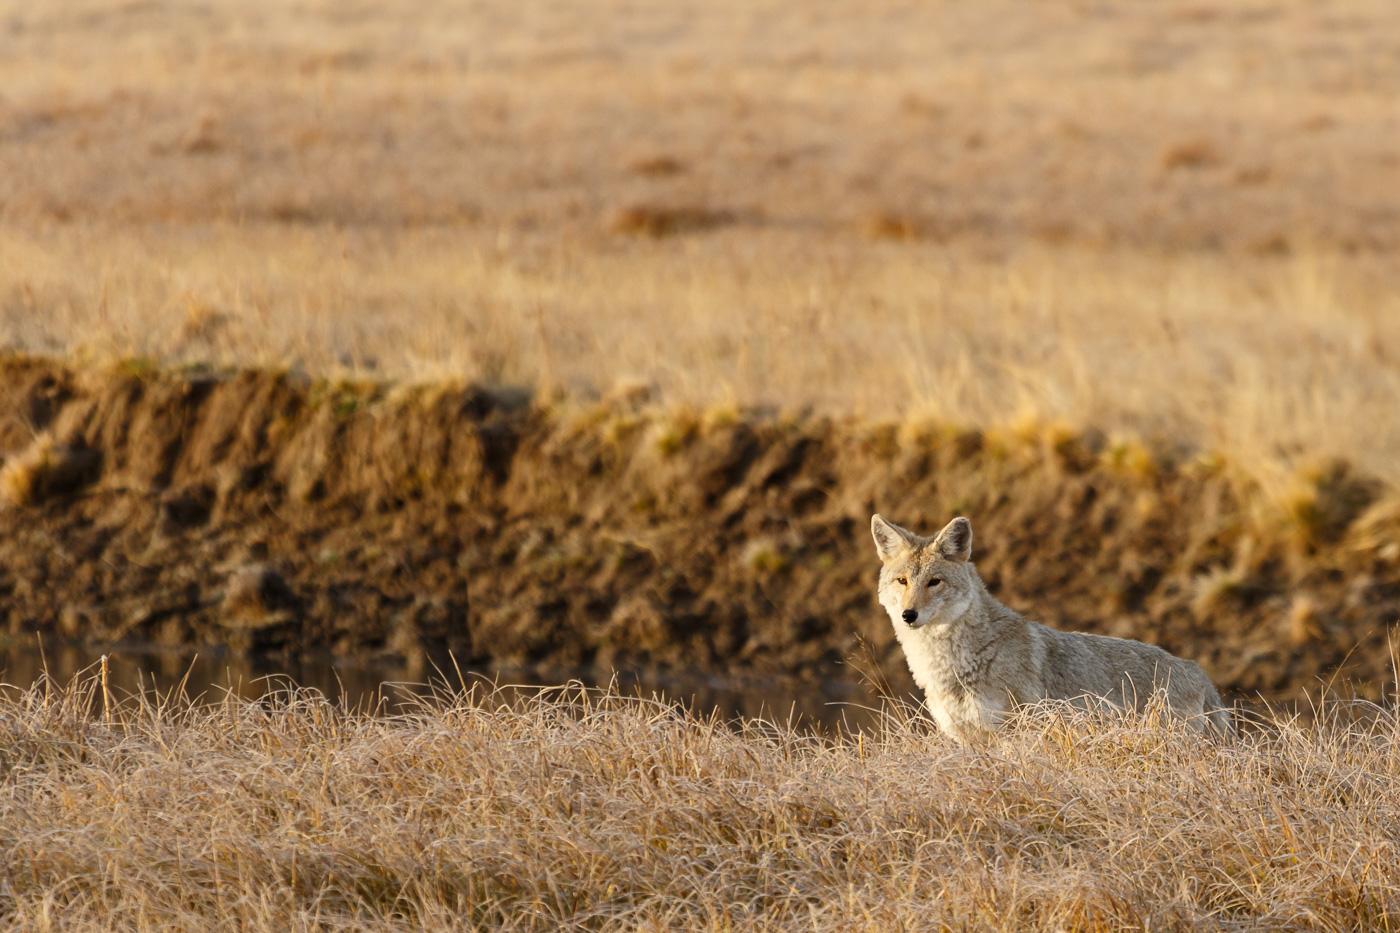 Coyote (Canis latrans), Yellowstone National Park, U.S.A. - Fauna de Nord-Amèrica - Raül Carmona - Fotografia, Fotografia d'estudi, esdeveniments i Natura